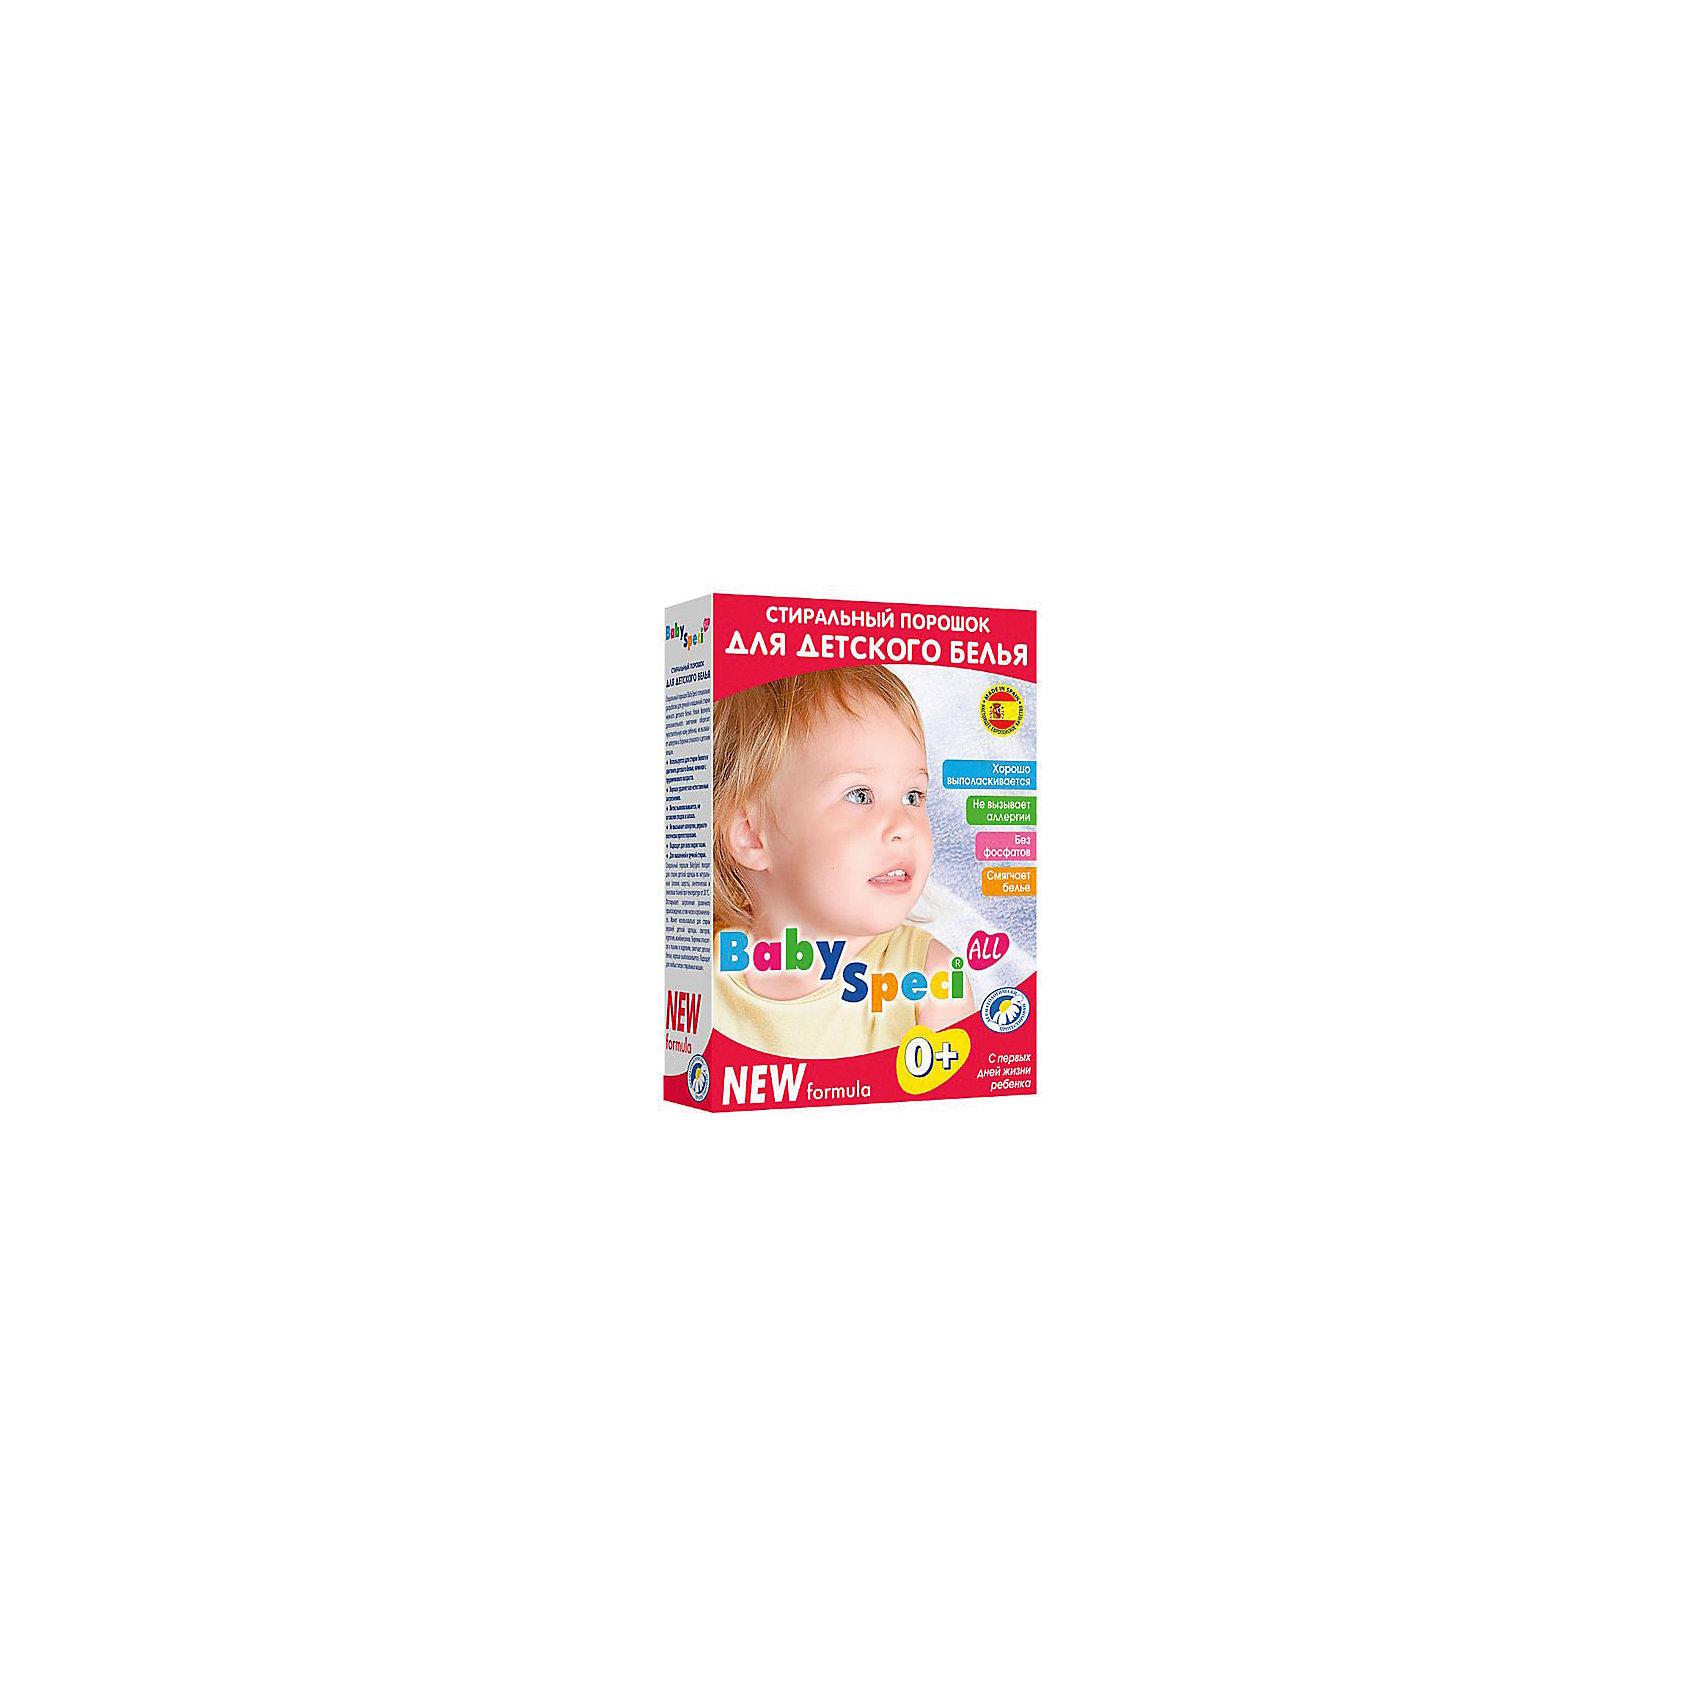 Стиральный порошок 500 гр., Baby SpeciСтиральный порошок 500 гр. от немецкого производителя чистящих средств для детей Baby Speci (Бейби Спеки). Впустите атмосферу свежести и чистоты в ваш дом! Этот порошок прекрасно справляется с удалением естественных загрязнений. Порошок гиппоалергенен, подойдет для стирки детского белья с самого рождения. Подходит в использовании для белого и цветного белья.  Легкий, приятный запах порошка останется со свежевыстиранным бельем. <br><br>Дополнительная информация:<br><br>- Объем: 500 гр. <br><br>Стиральный порошок 500гр., Baby Speci (Бейби Спеки) можно купить в нашем интернет-магазине.<br>Подробнее:<br>• Для детей в возрасте: от 0 лет<br>• Номер товара: 5008289 <br>Страна производитель: Германия<br><br>Ширина мм: 300<br>Глубина мм: 100<br>Высота мм: 50<br>Вес г: 500<br>Возраст от месяцев: 0<br>Возраст до месяцев: 36<br>Пол: Унисекс<br>Возраст: Детский<br>SKU: 5008289